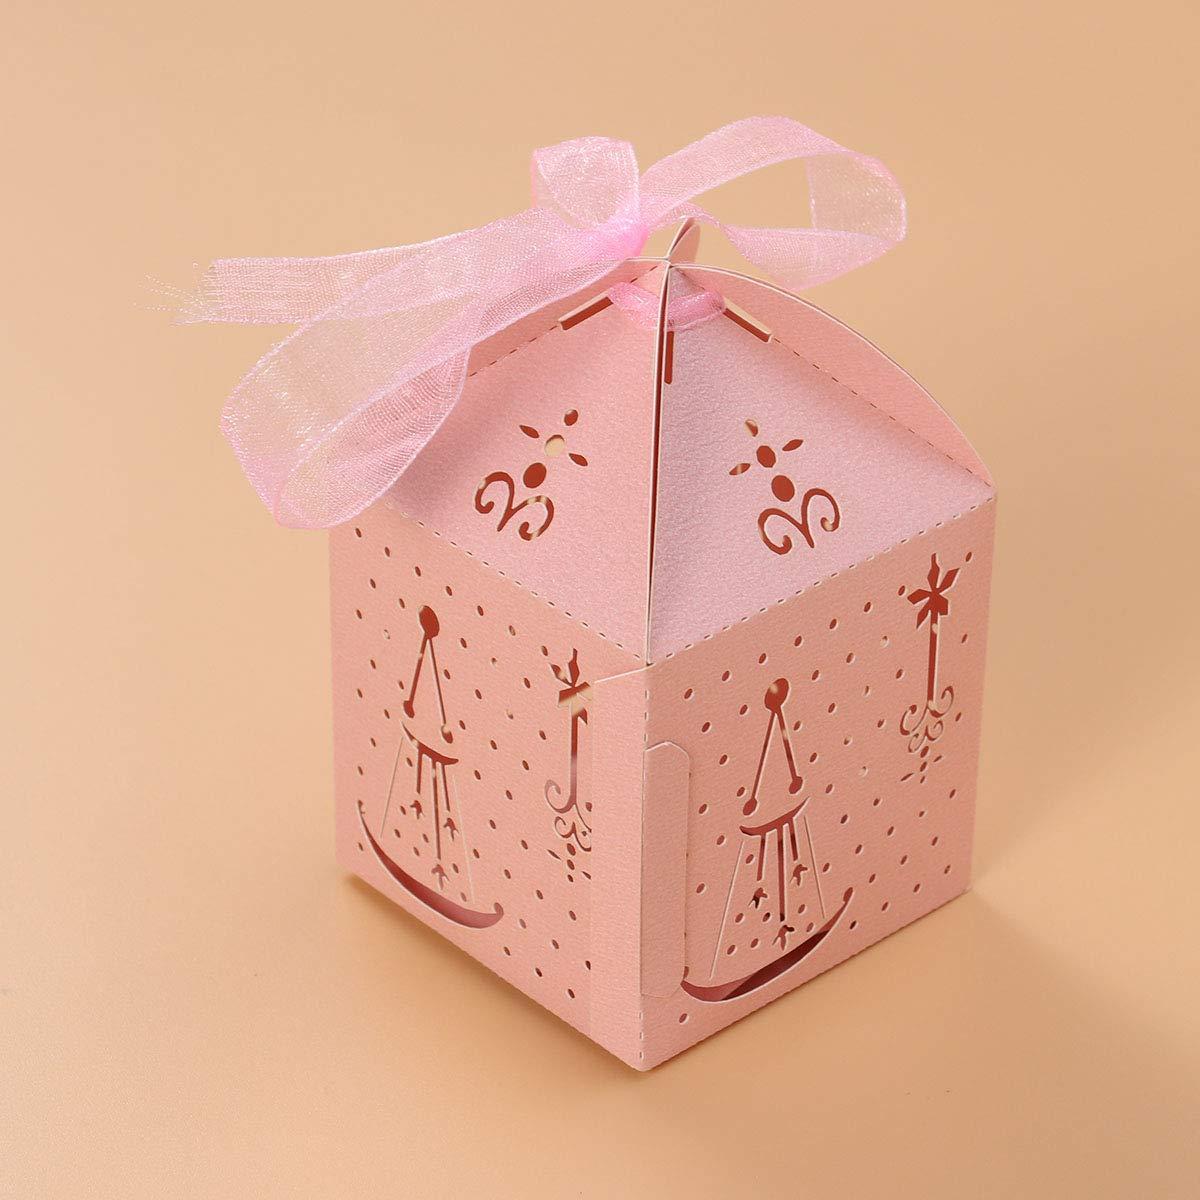 YeahiBaby Cajas de Caramelos Bombones Dulce Chocolate de Papel Cajas de Regalo para Fiesta Boda Decoraciones del Regalo de Cumpleaños Laser 50 Piezas Rosa: ...